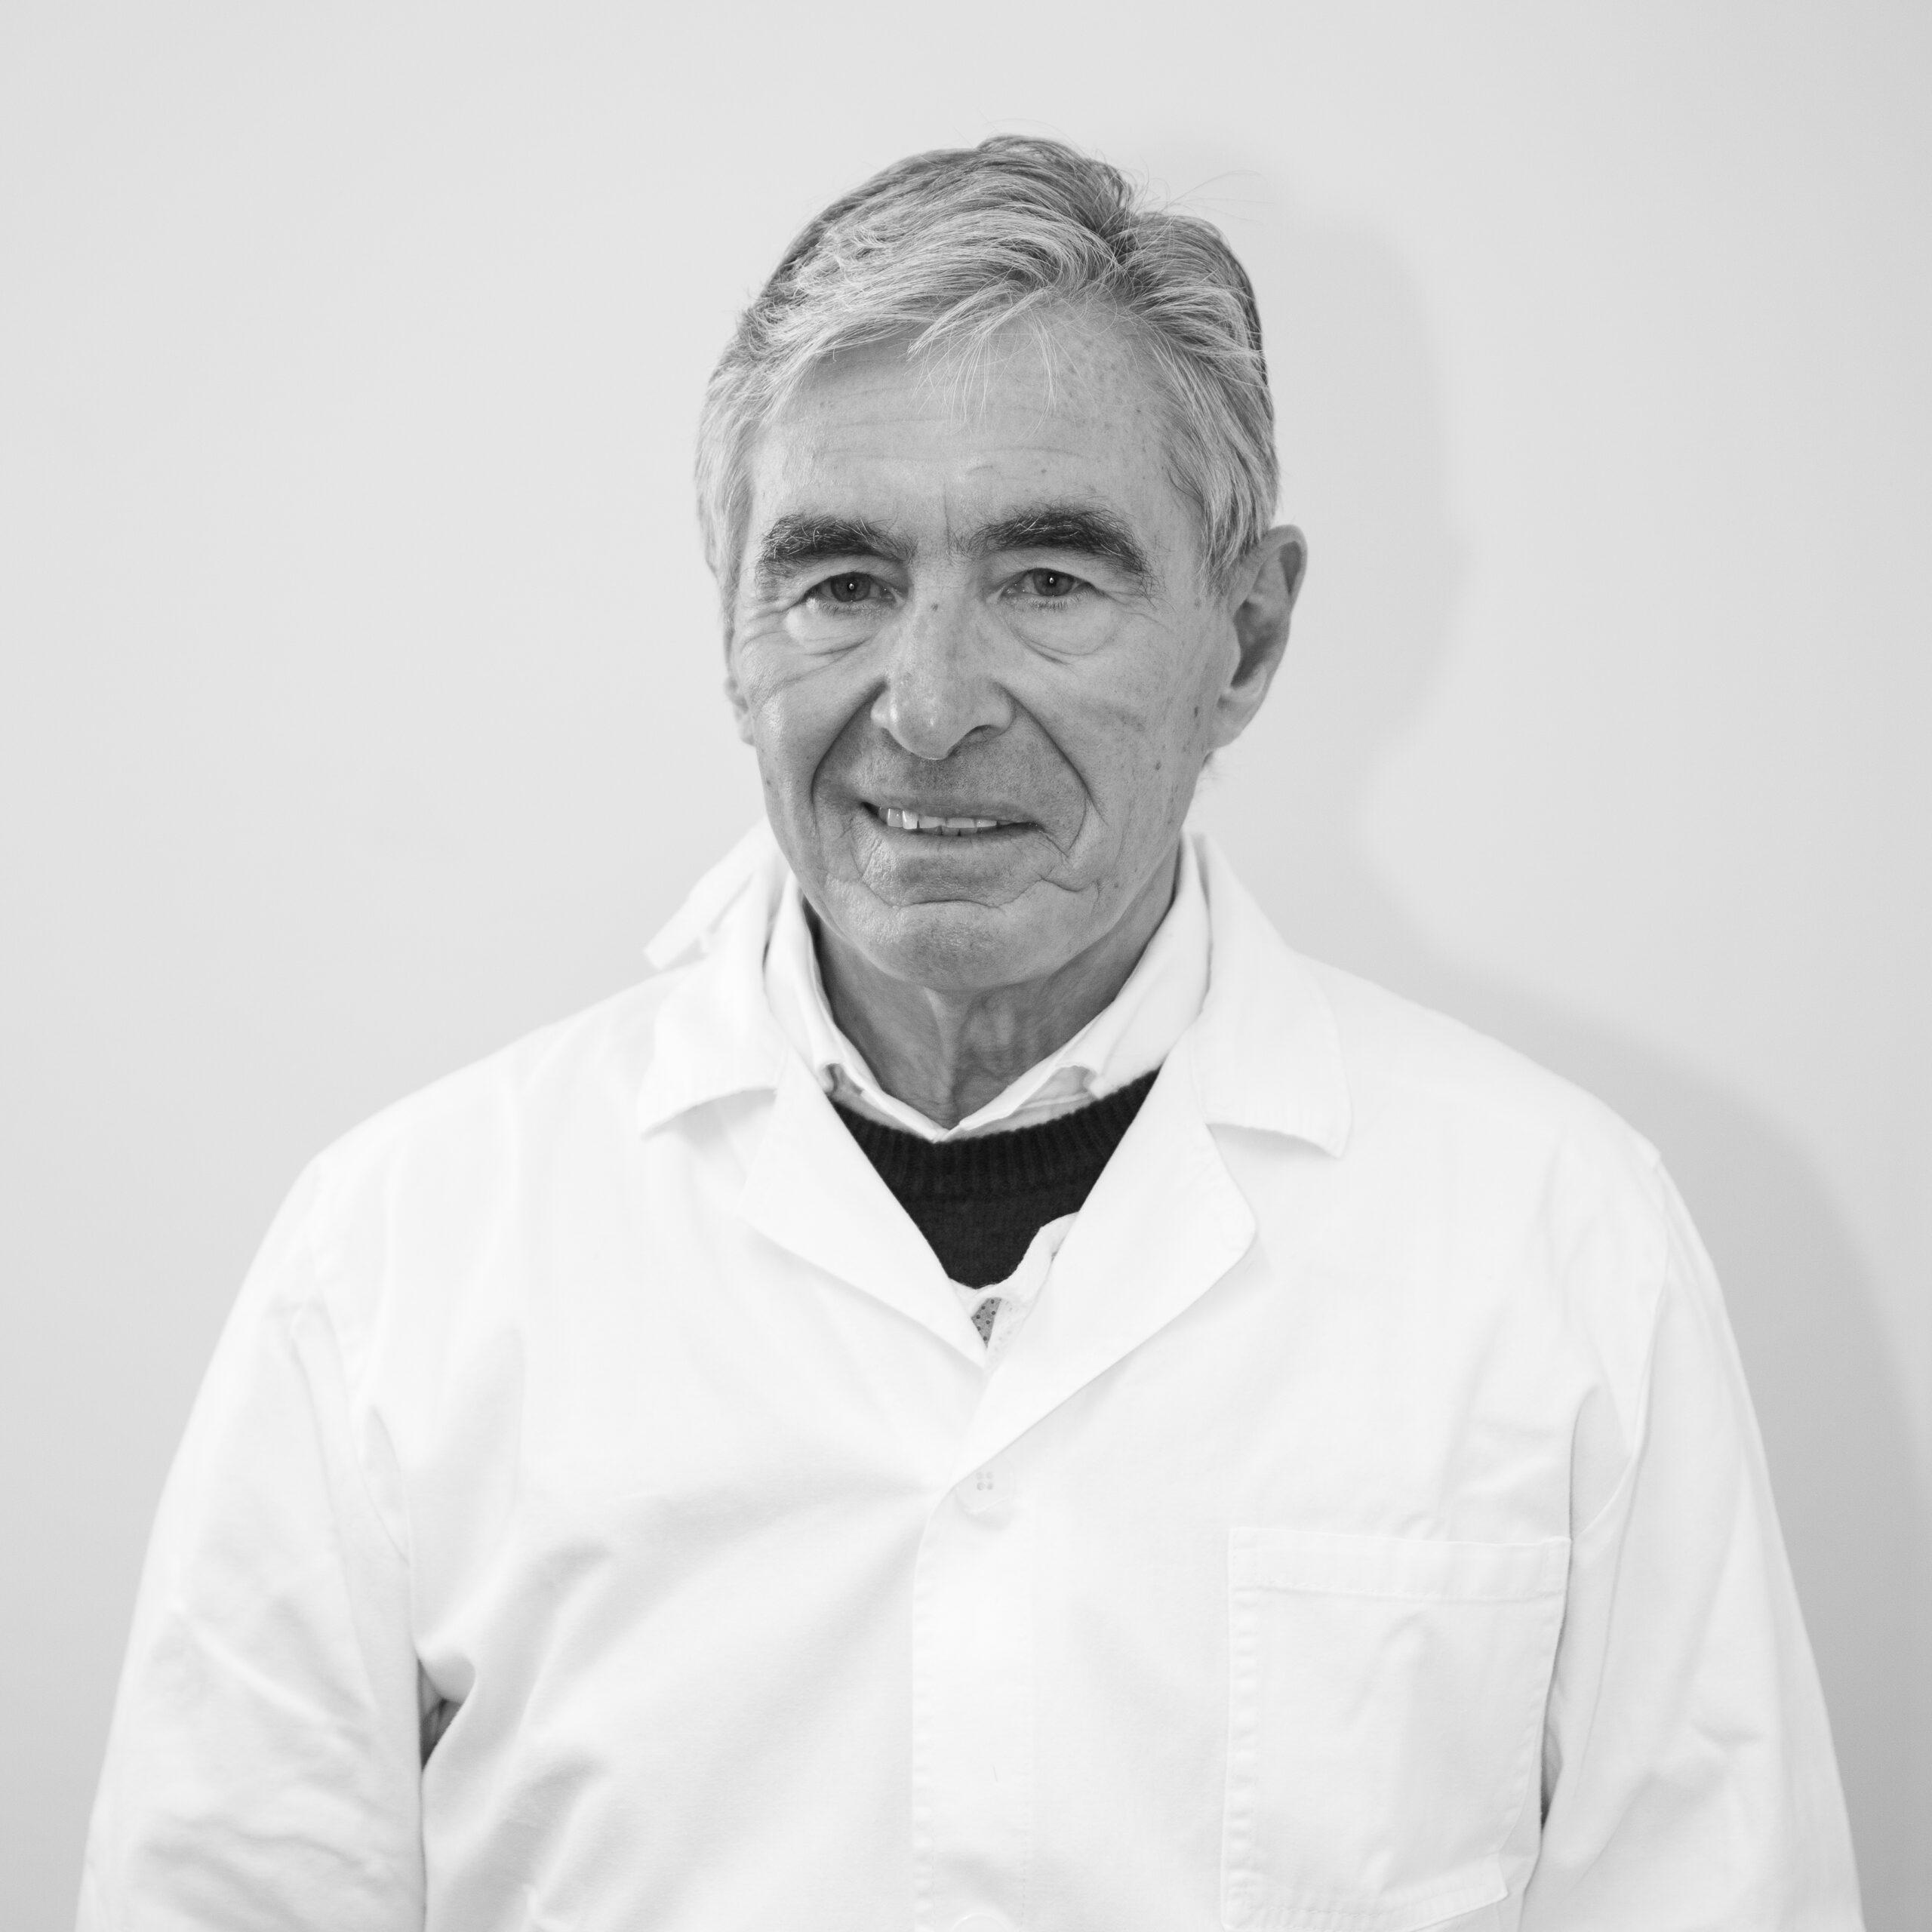 Dr. P. Pierini